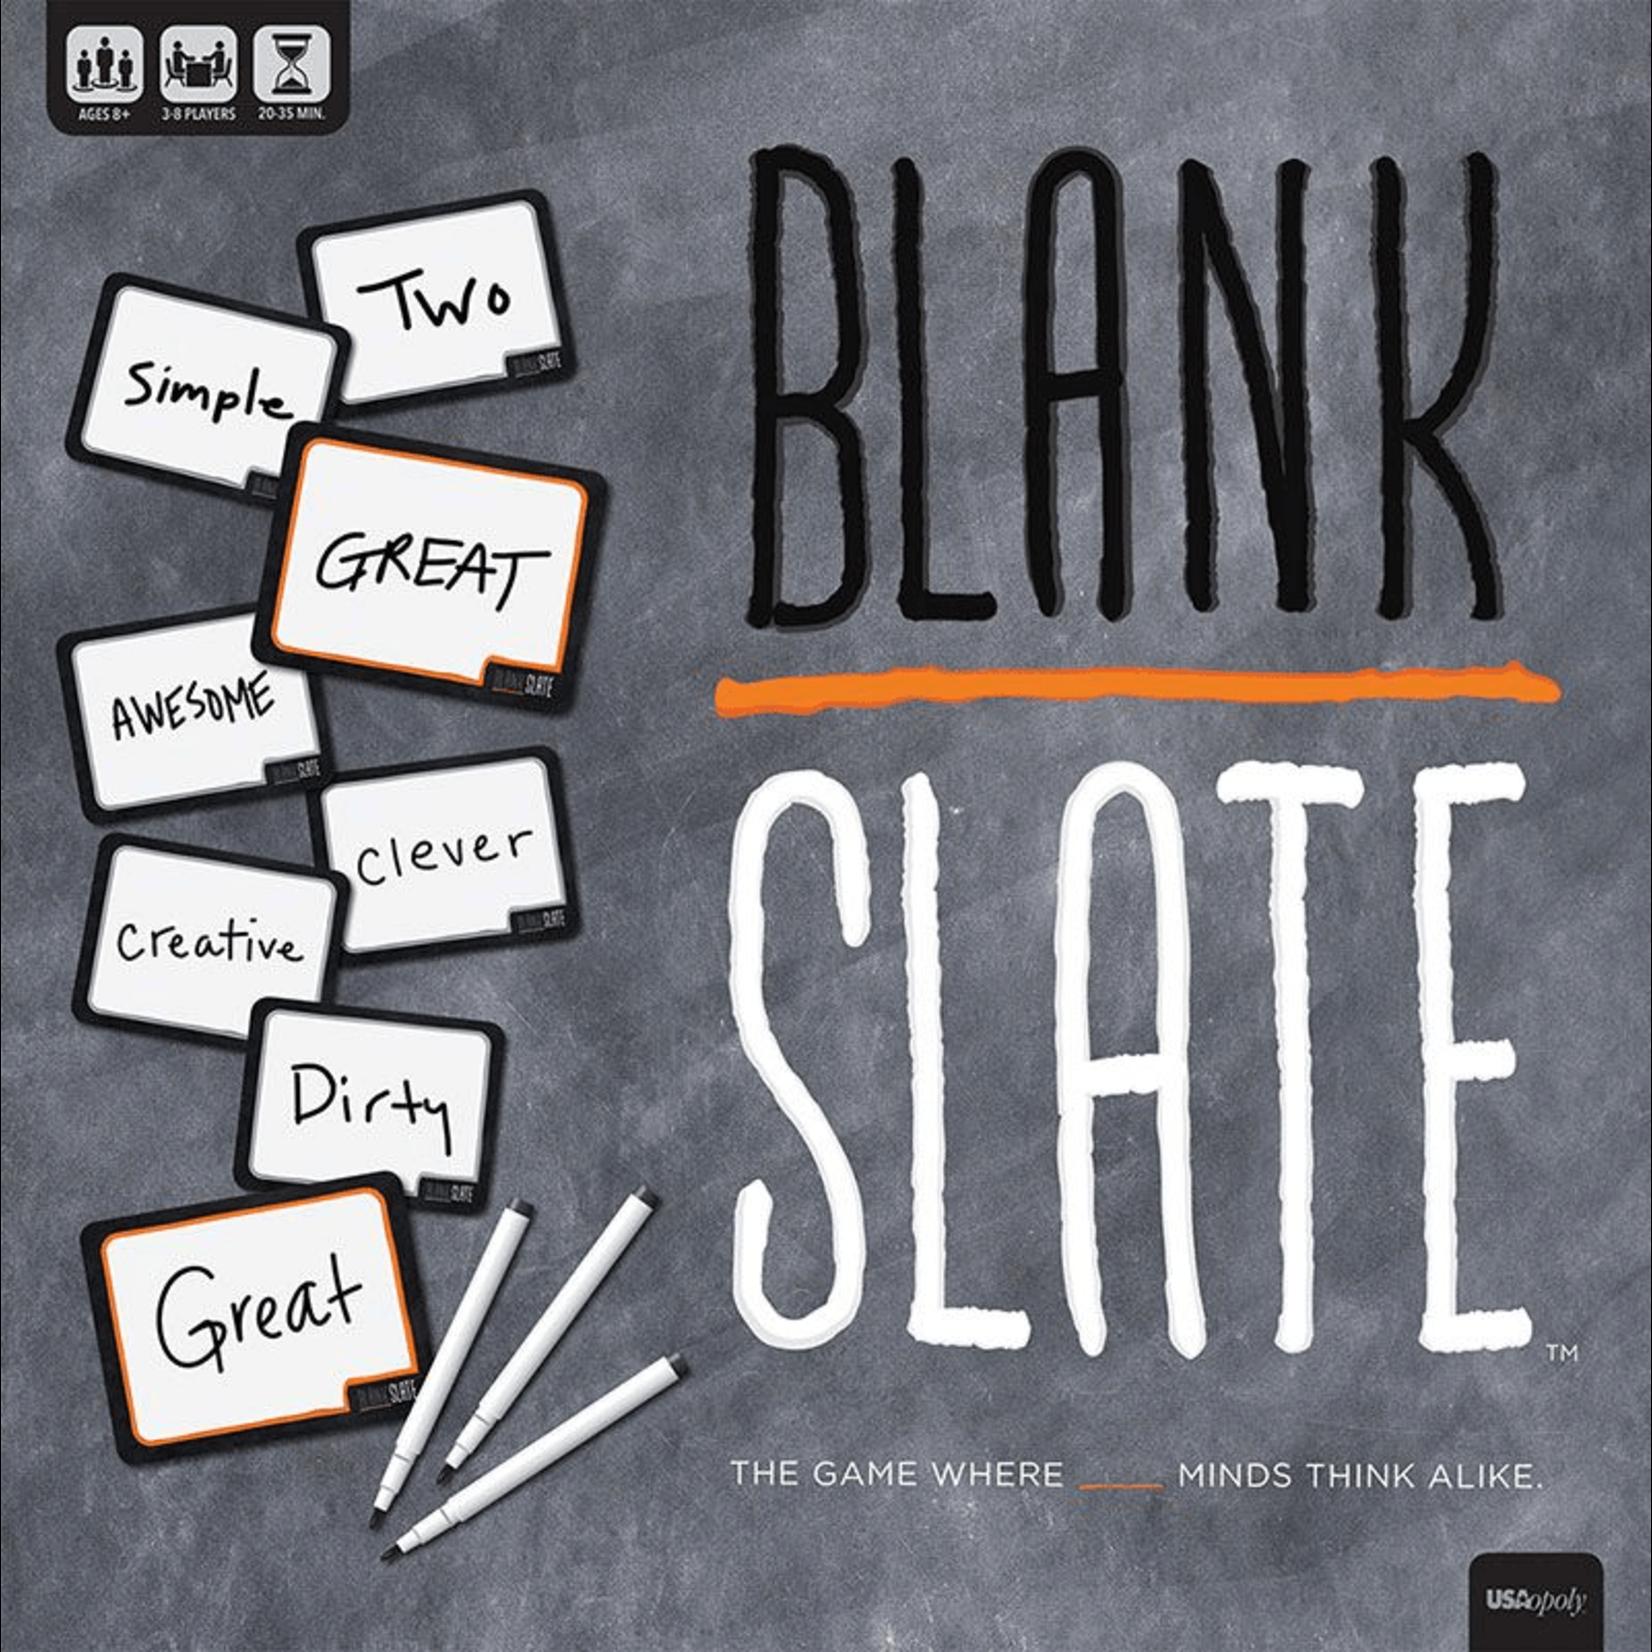 The Op Blank Slate